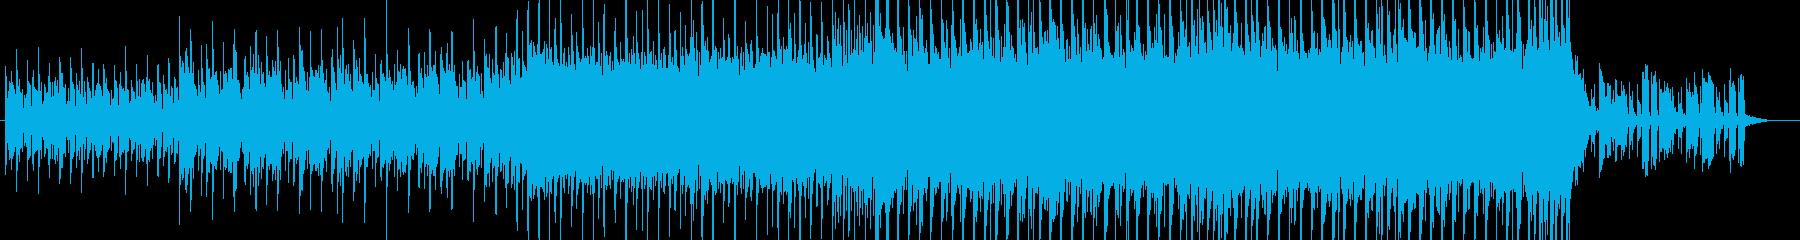 テンションの上がるエレクトロなテクノ曲の再生済みの波形